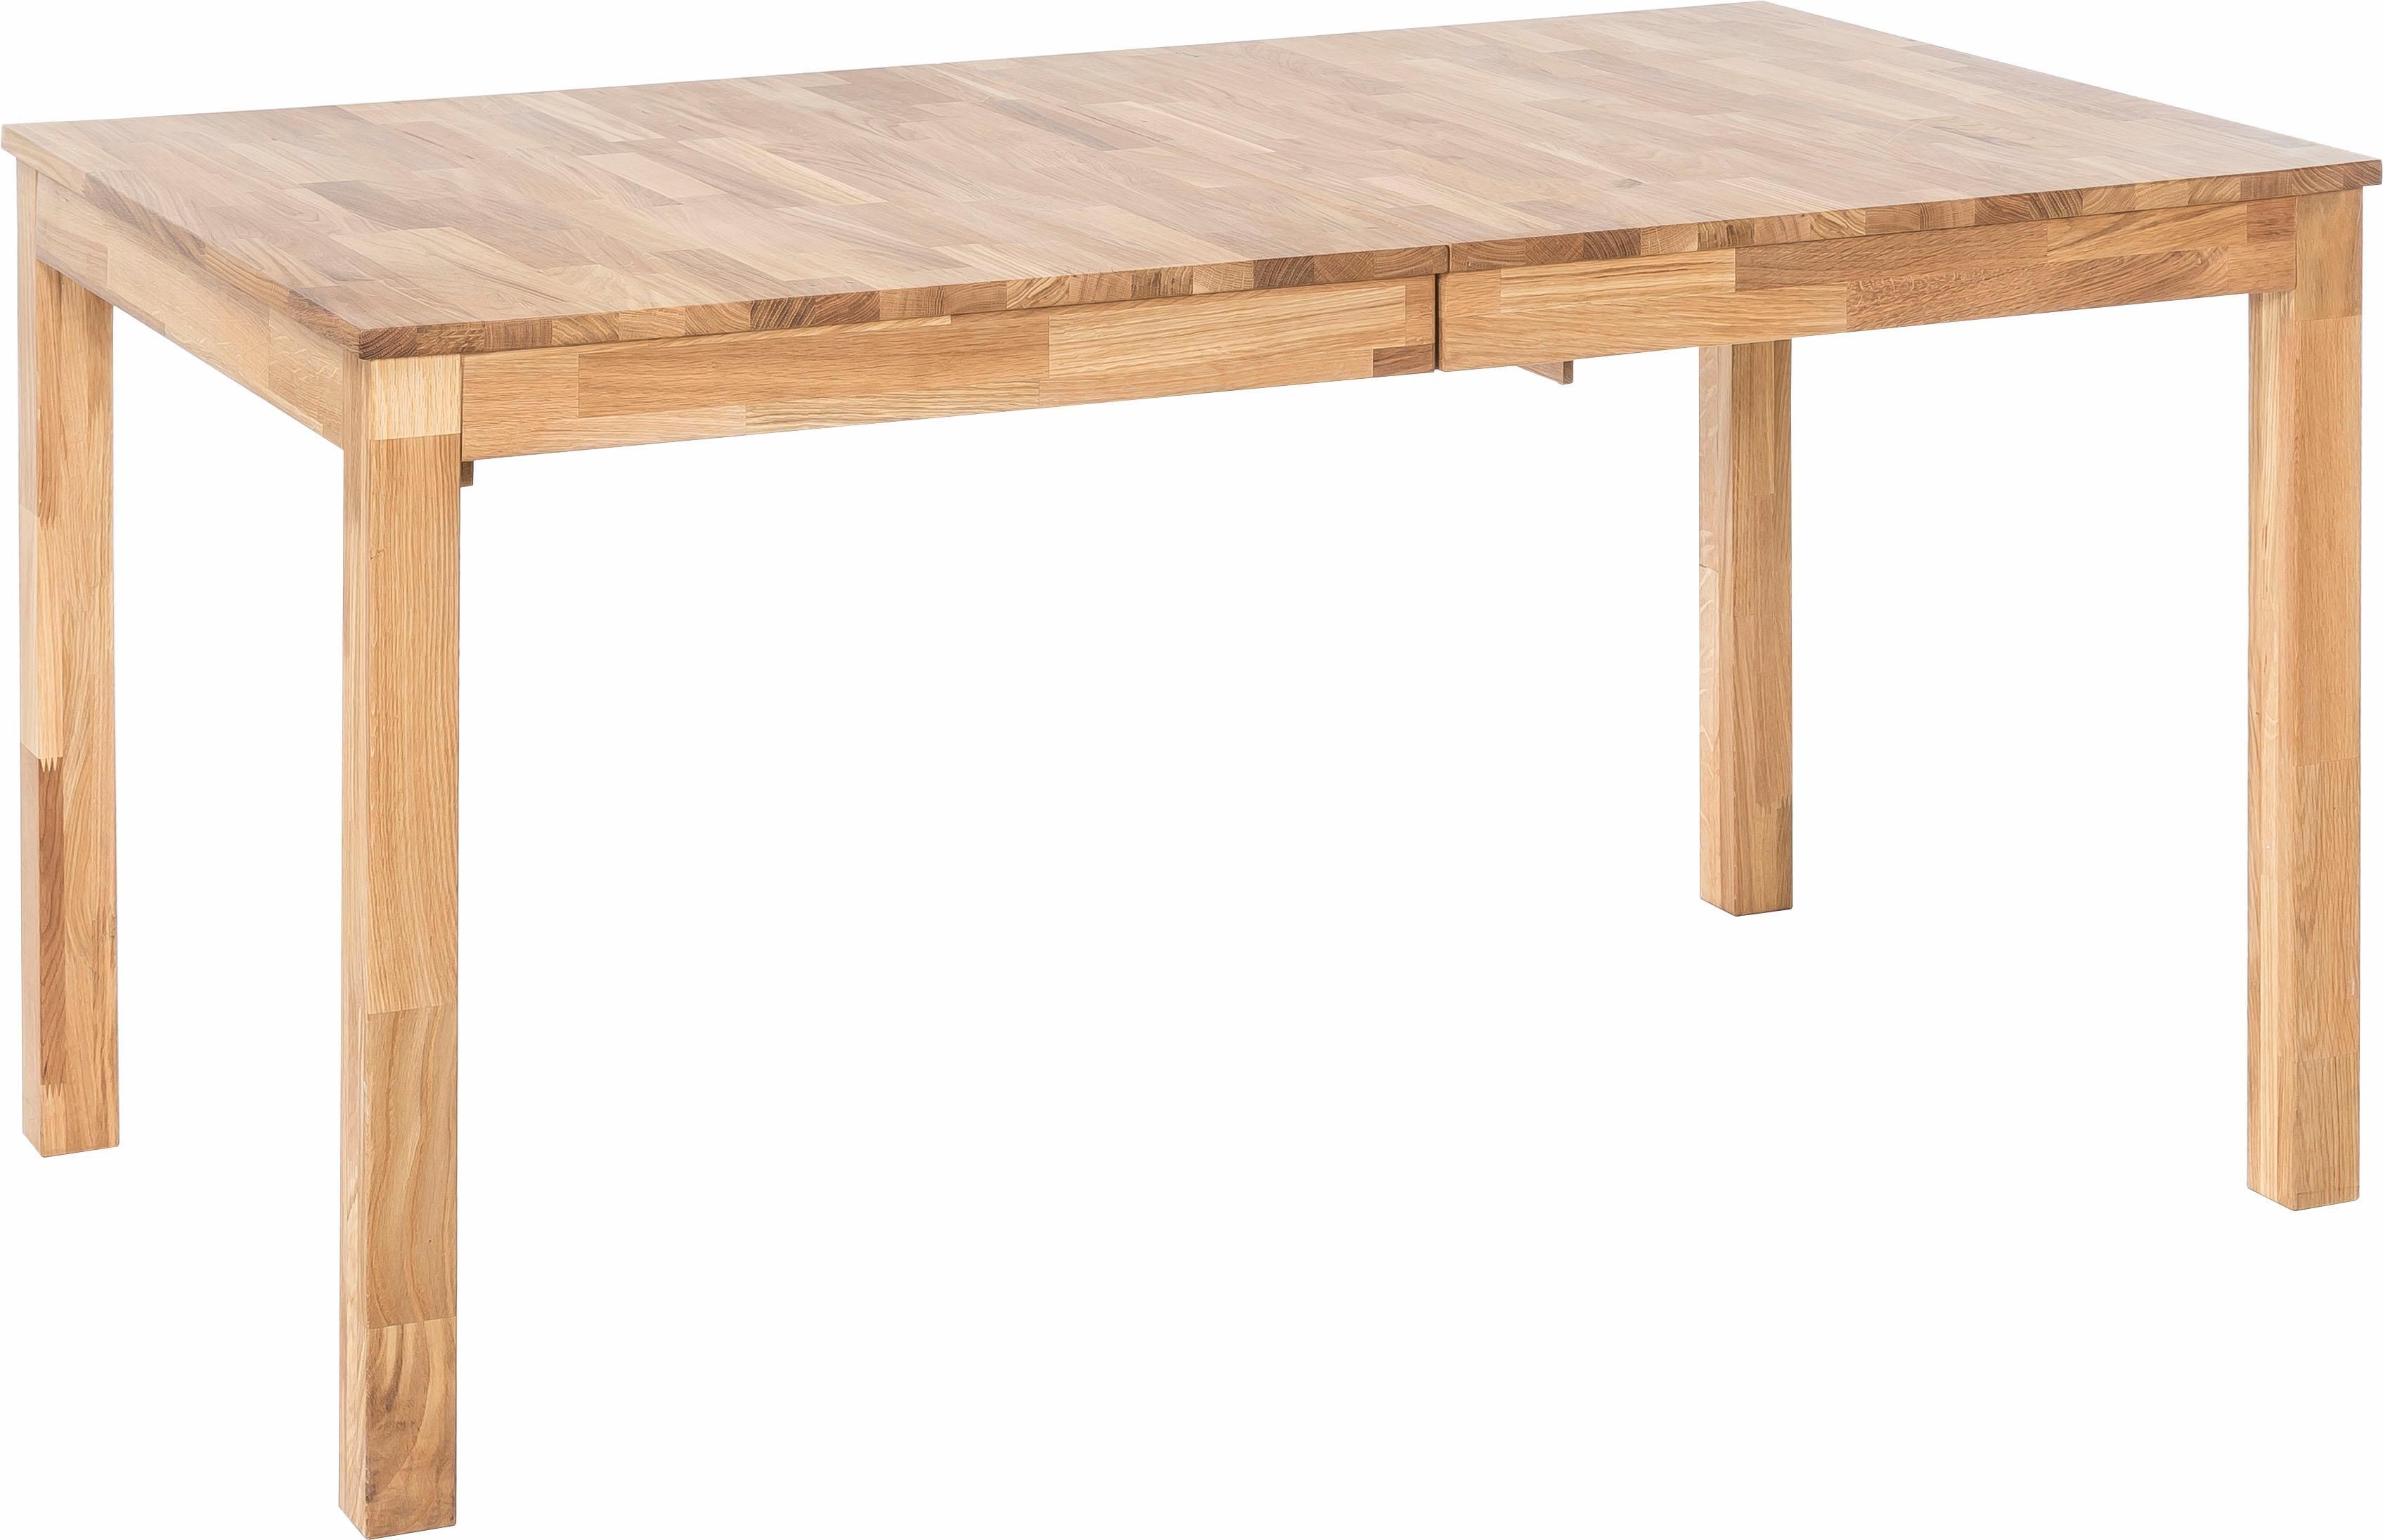 MCA living Esstisch, Breite 160, 210 cm beige Esstisch Ausziehbare Esstische Tische